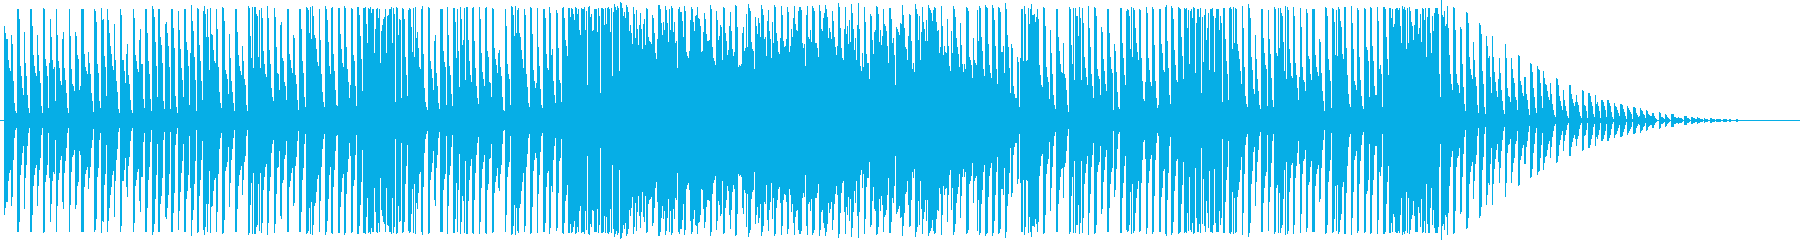 わくわくした雰囲気の楽しい曲の再生済みの波形